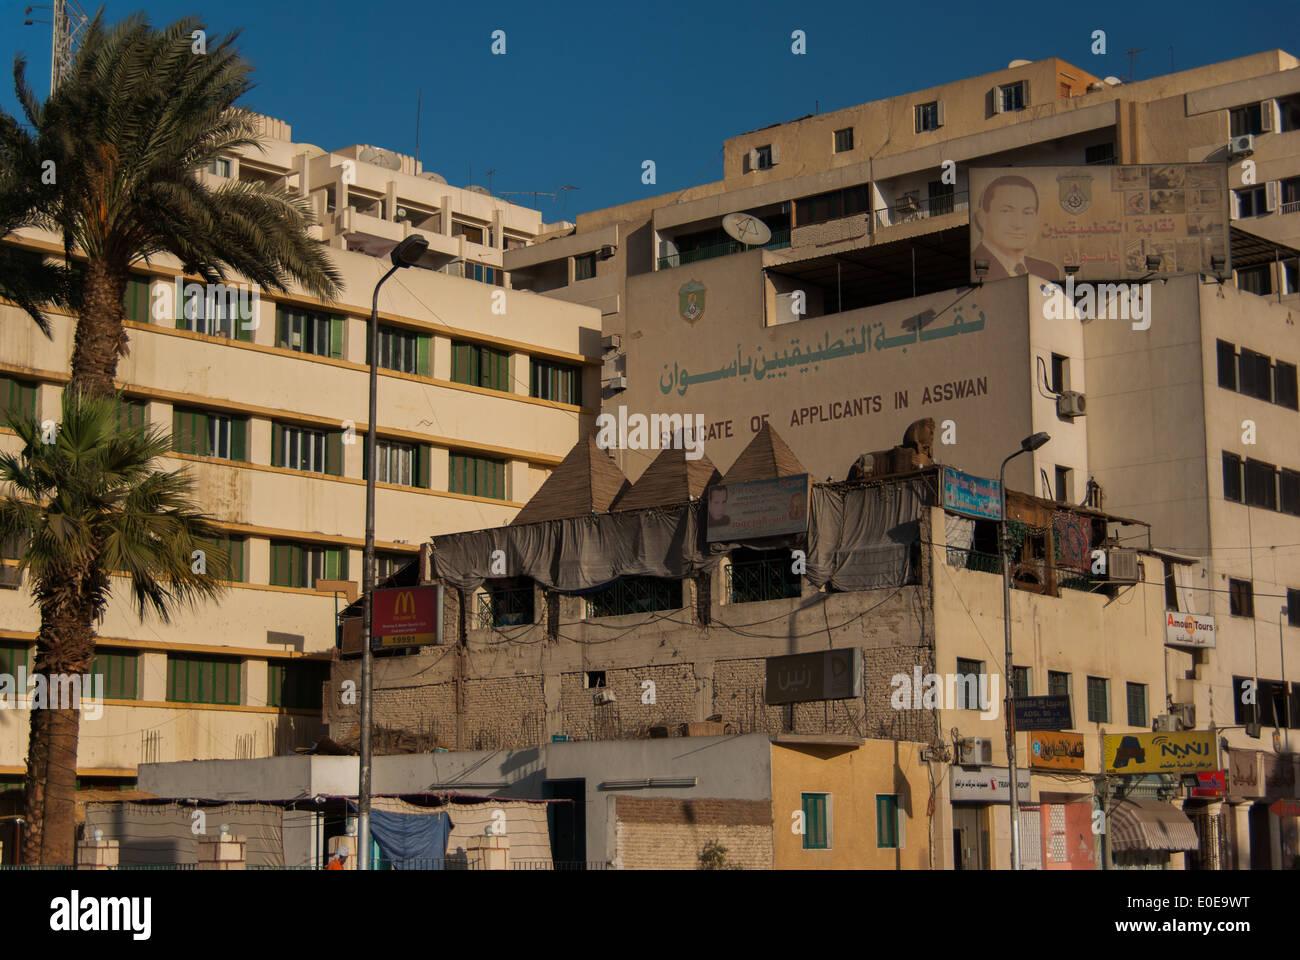 Streets of Aswan, Upper Egypt - Stock Image